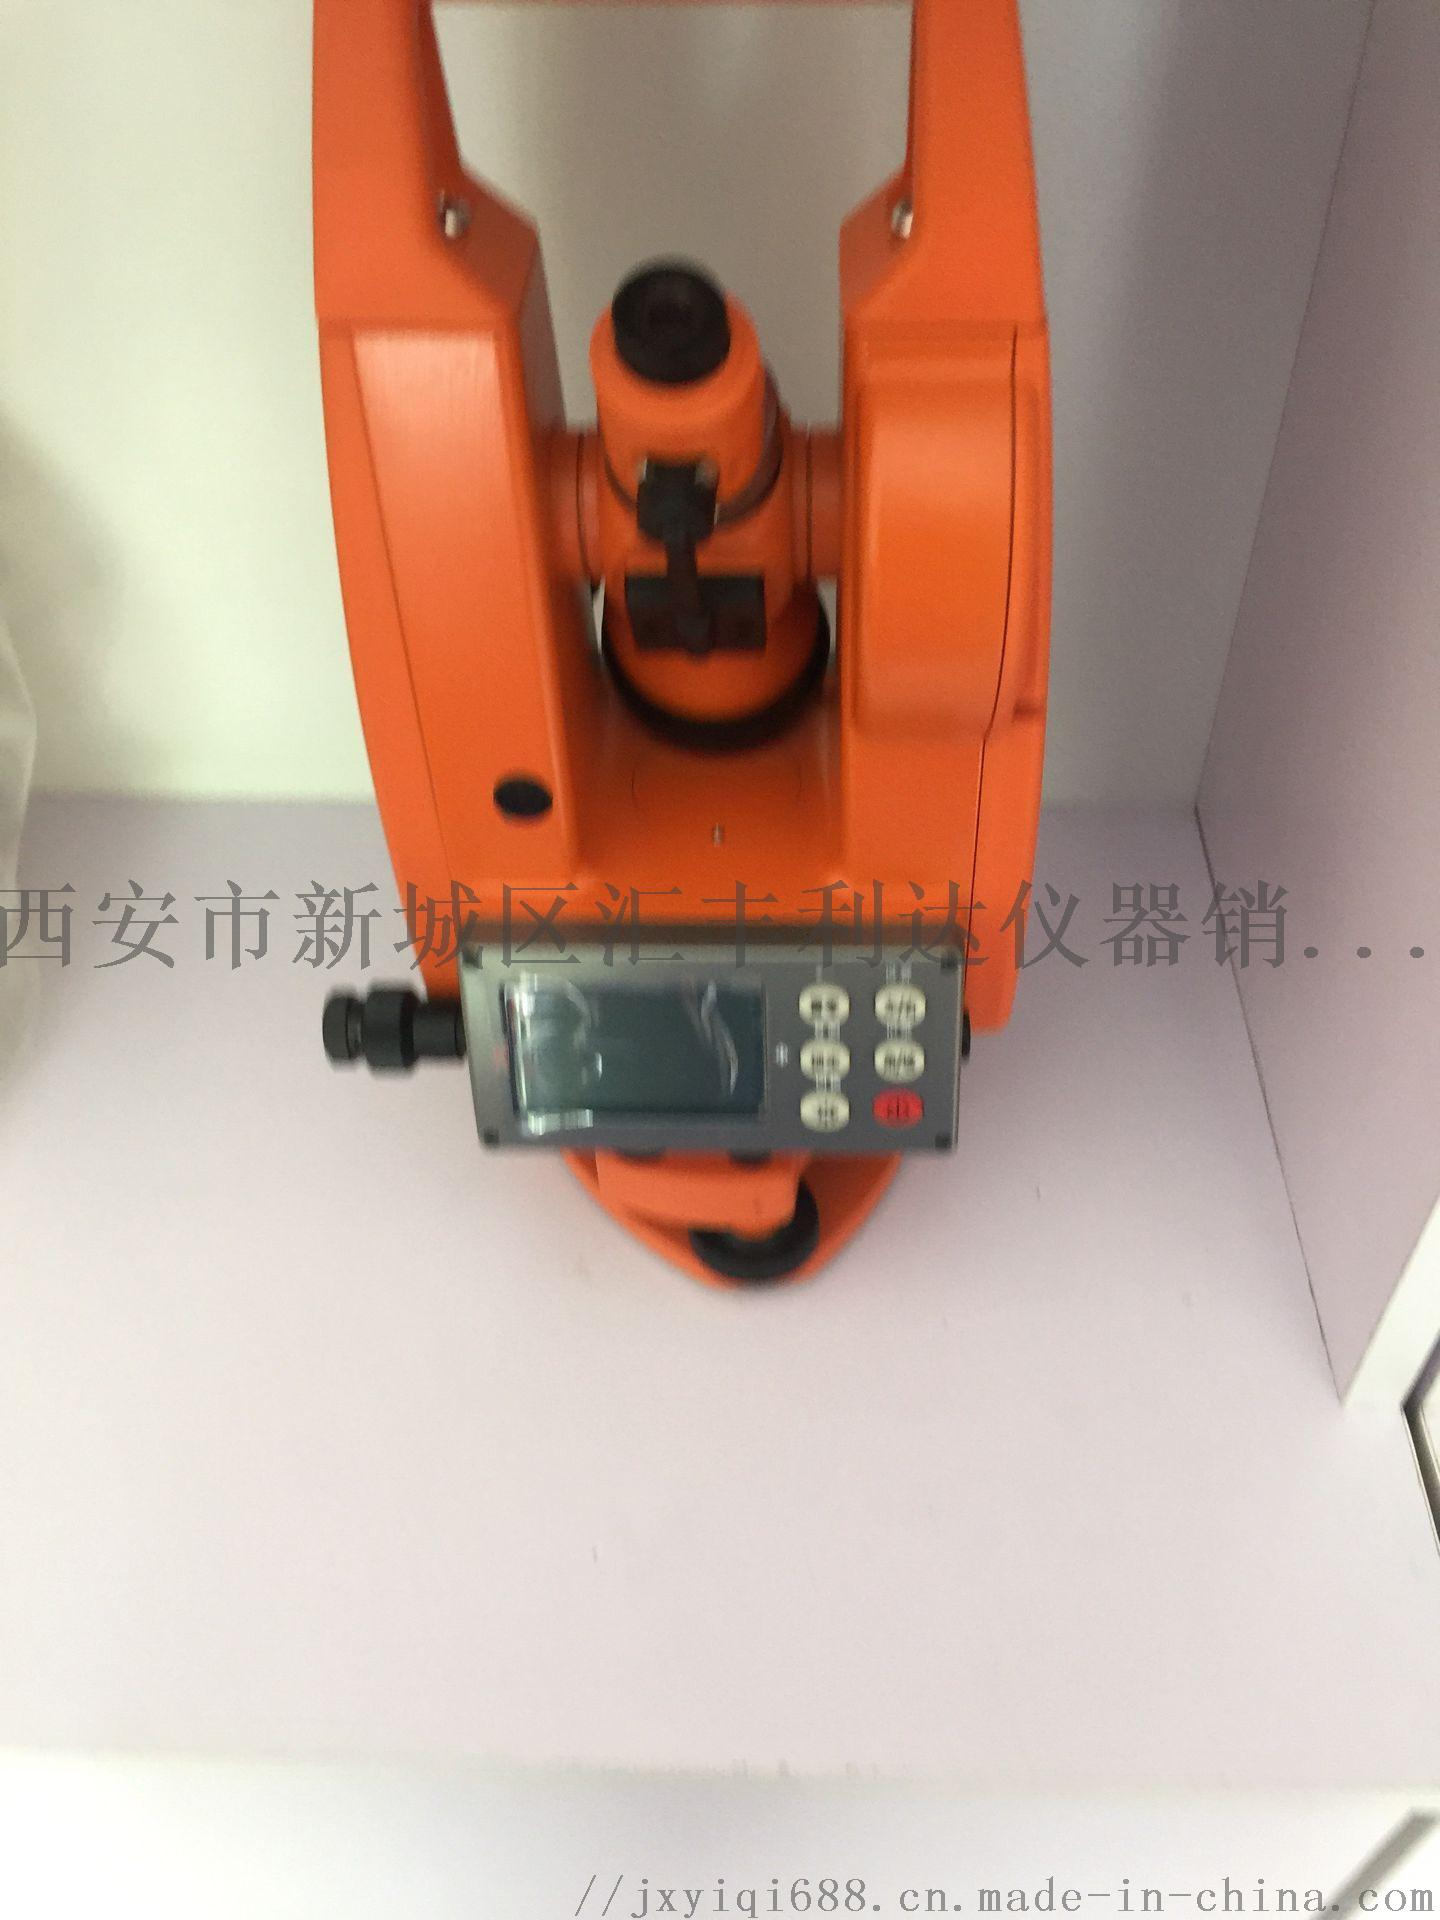 西安哪余有賣水準儀測量儀器137724898292863613815